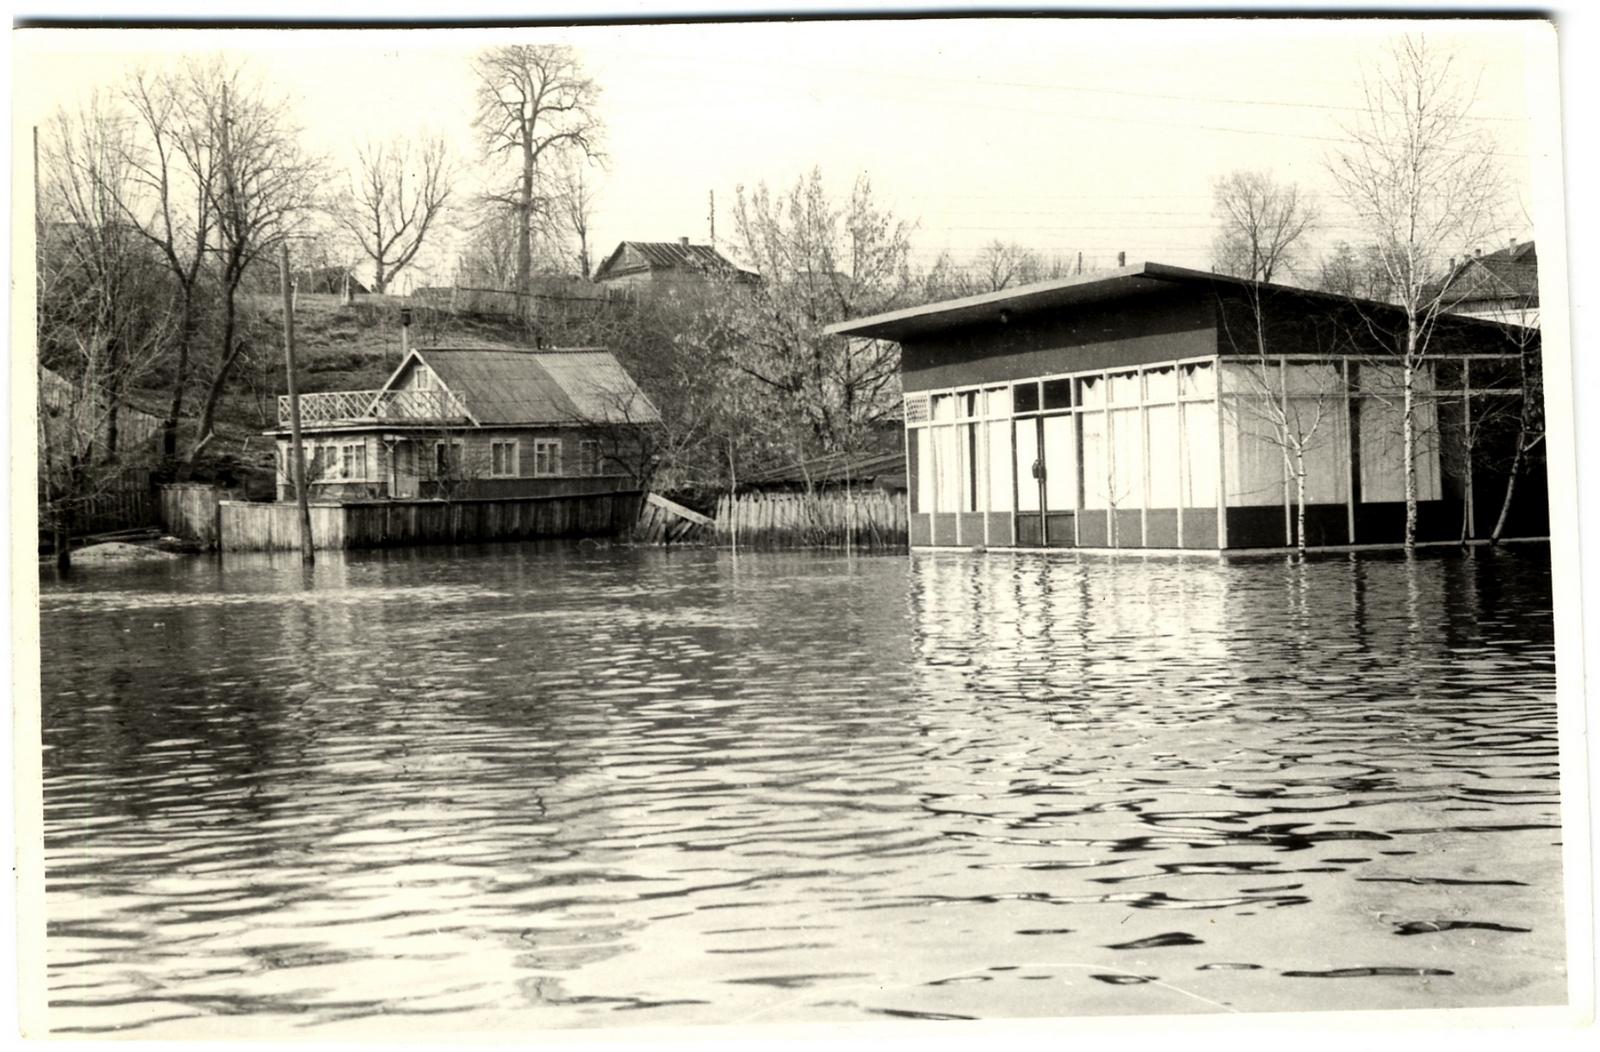 кафе Маяк во время наводнения